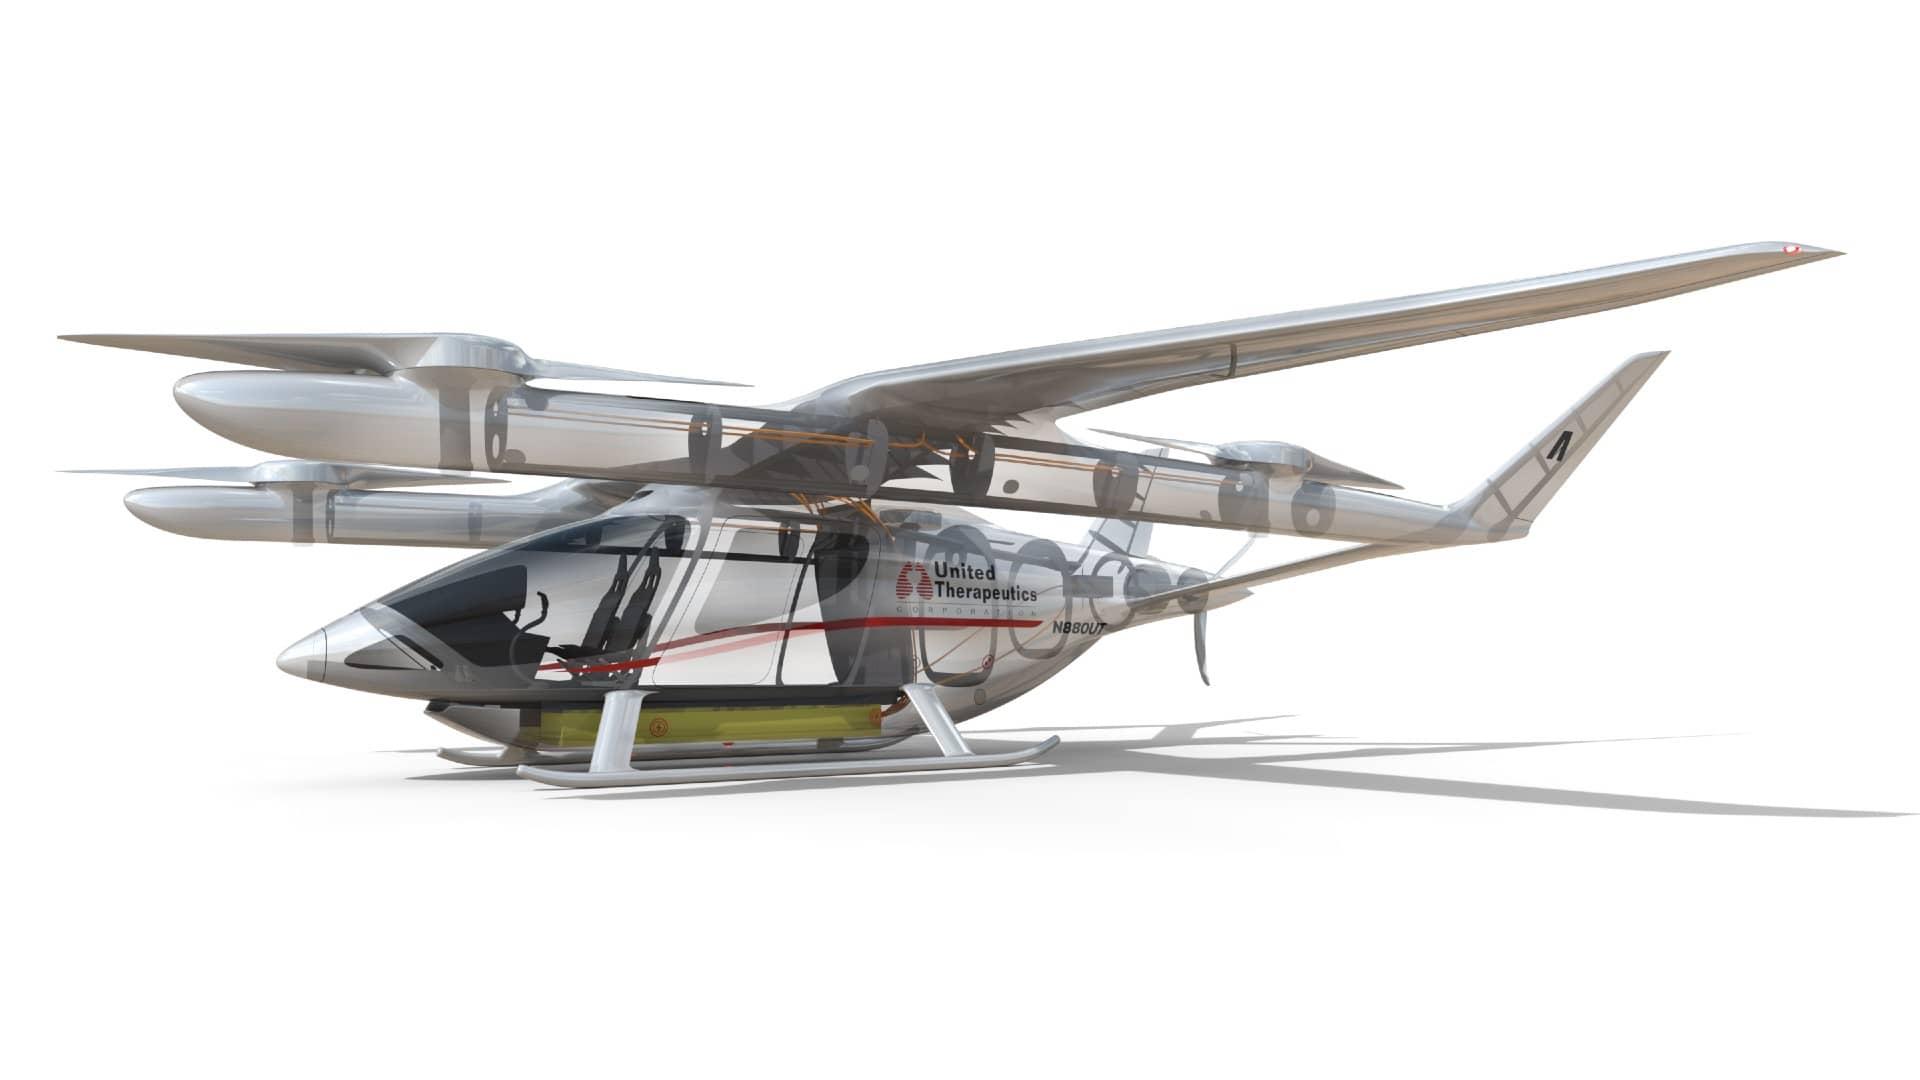 The ALIA-250 model plane for architecture design